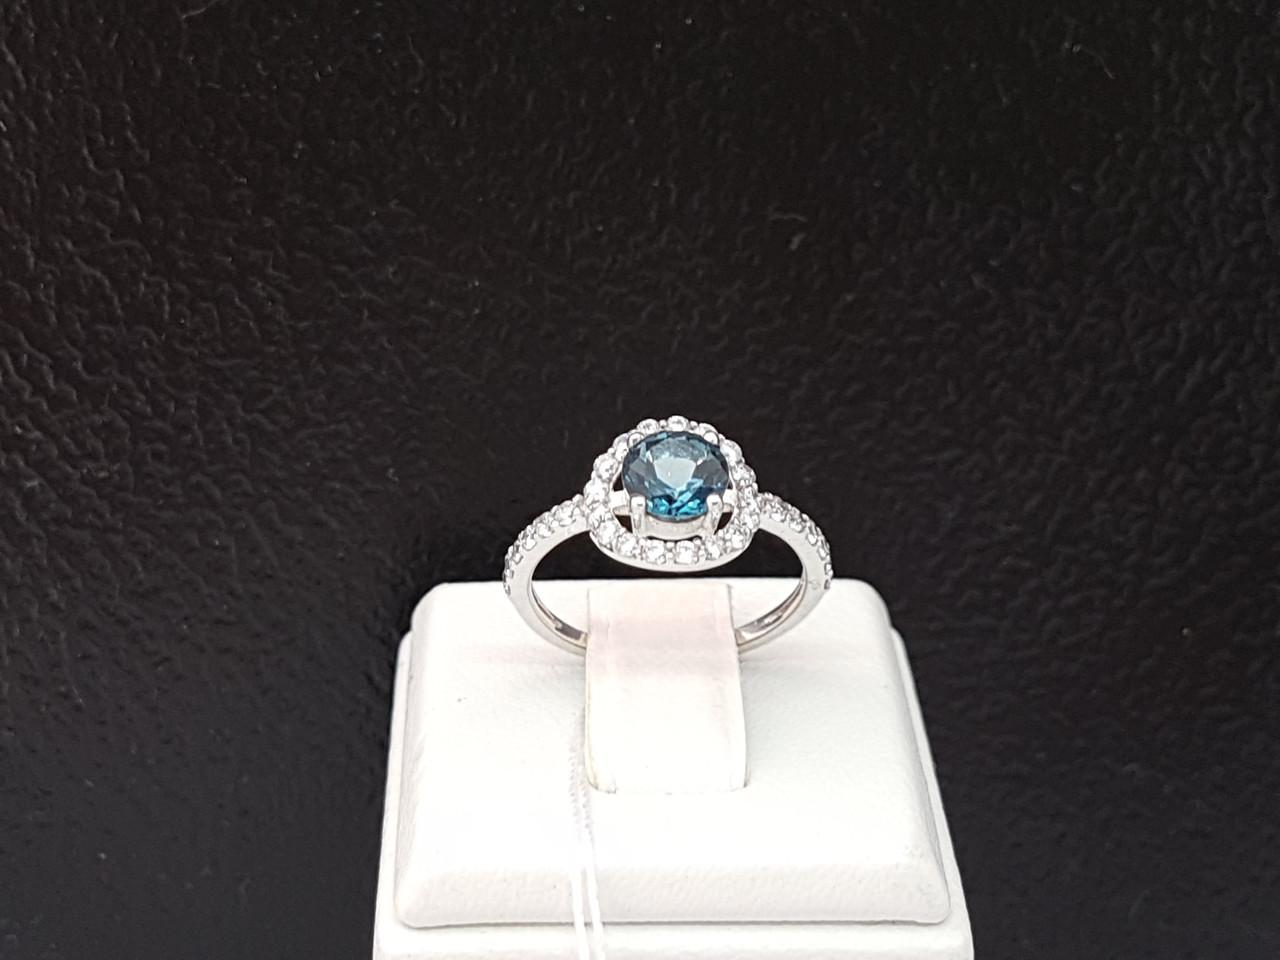 Серебряное кольцо Ярина с топазом. Артикул 1596/9р-TLB 16,5